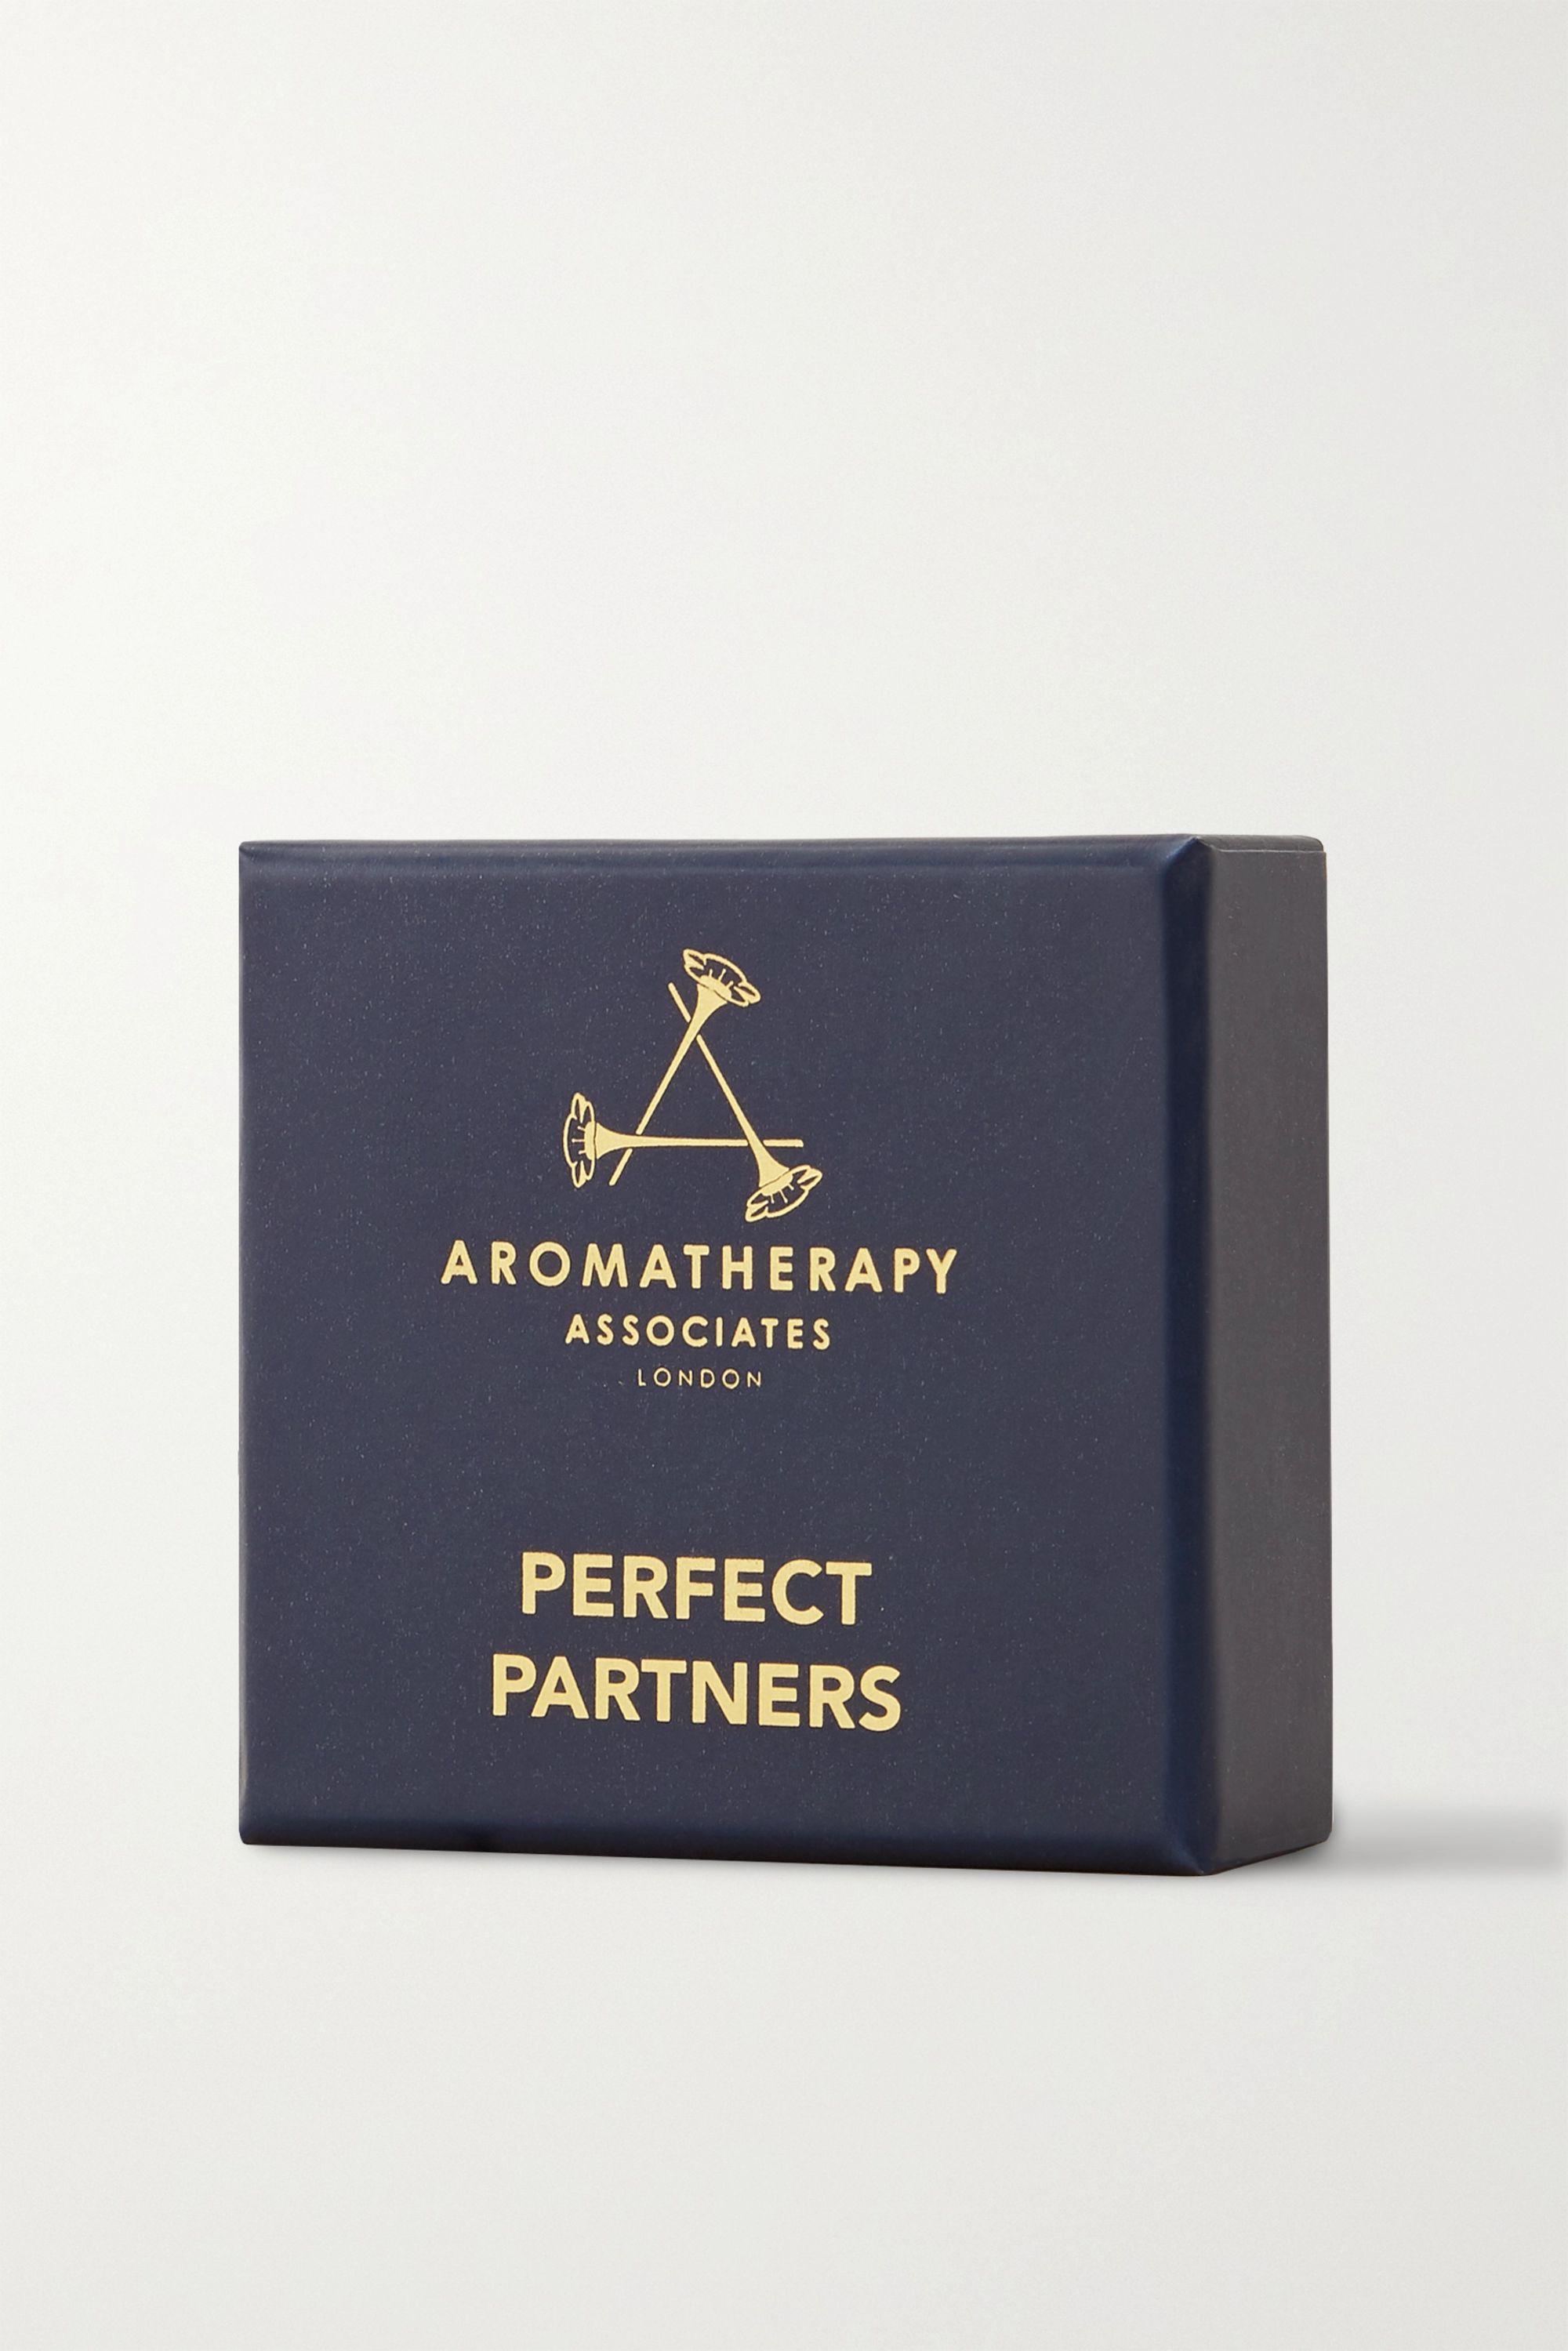 Aromatherapy Associates 日夜良伴沐浴油礼盒,2 x 9ml